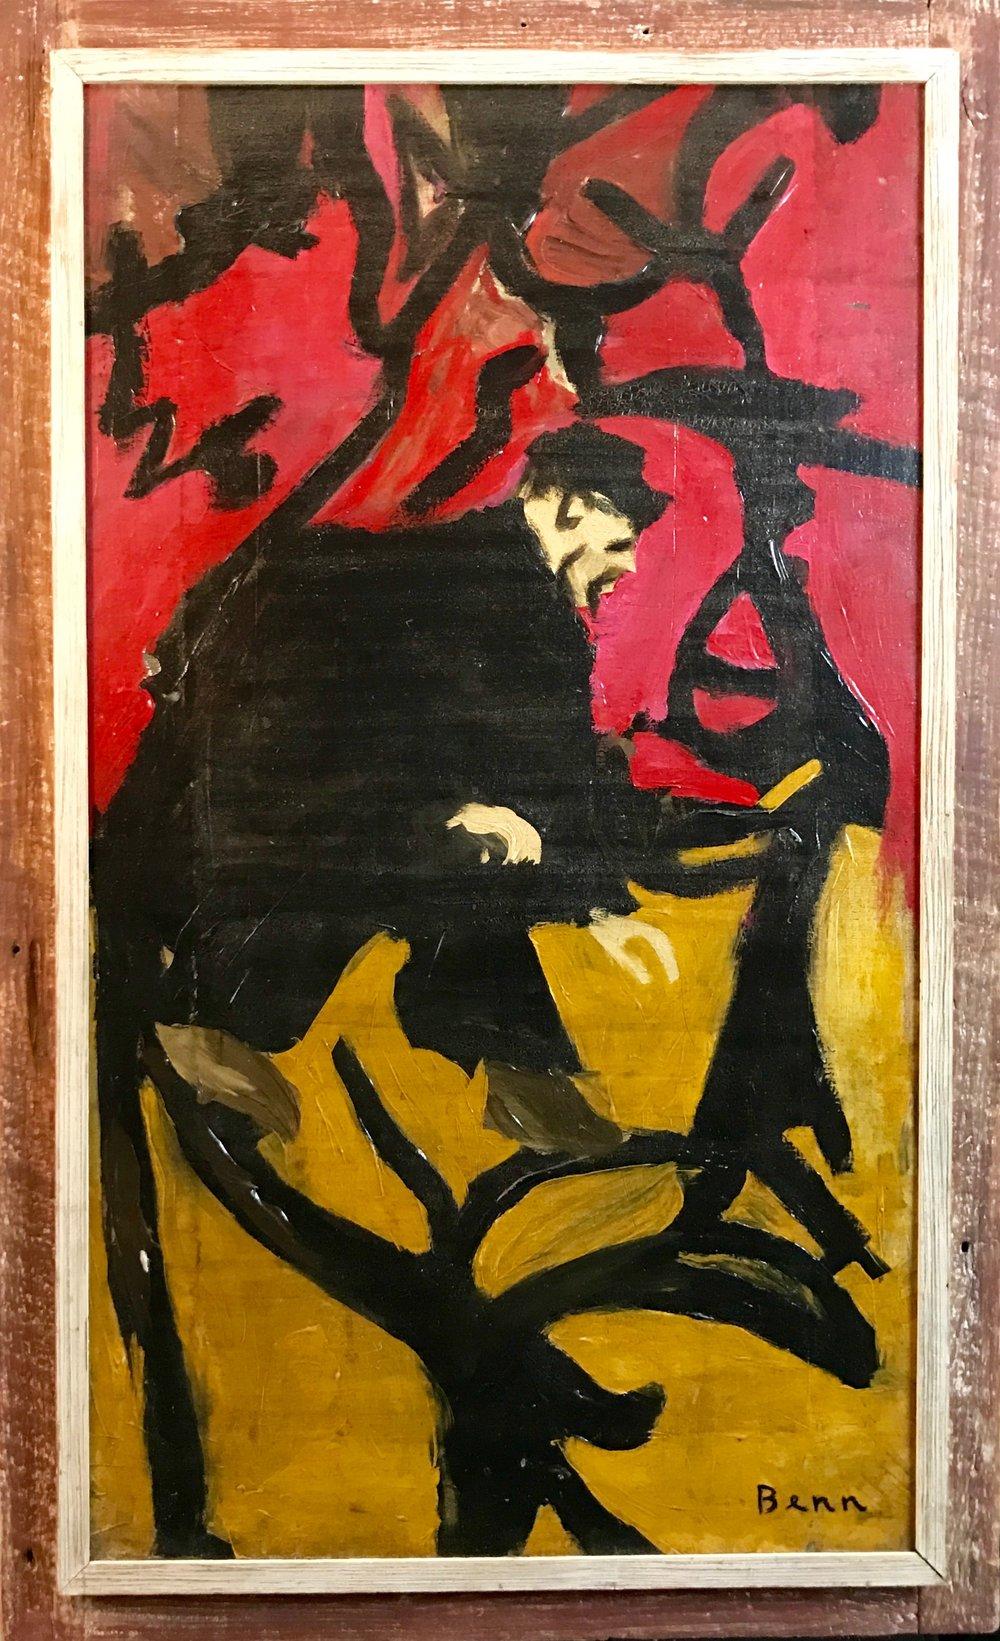 Ben Benn (1884 - 1983)